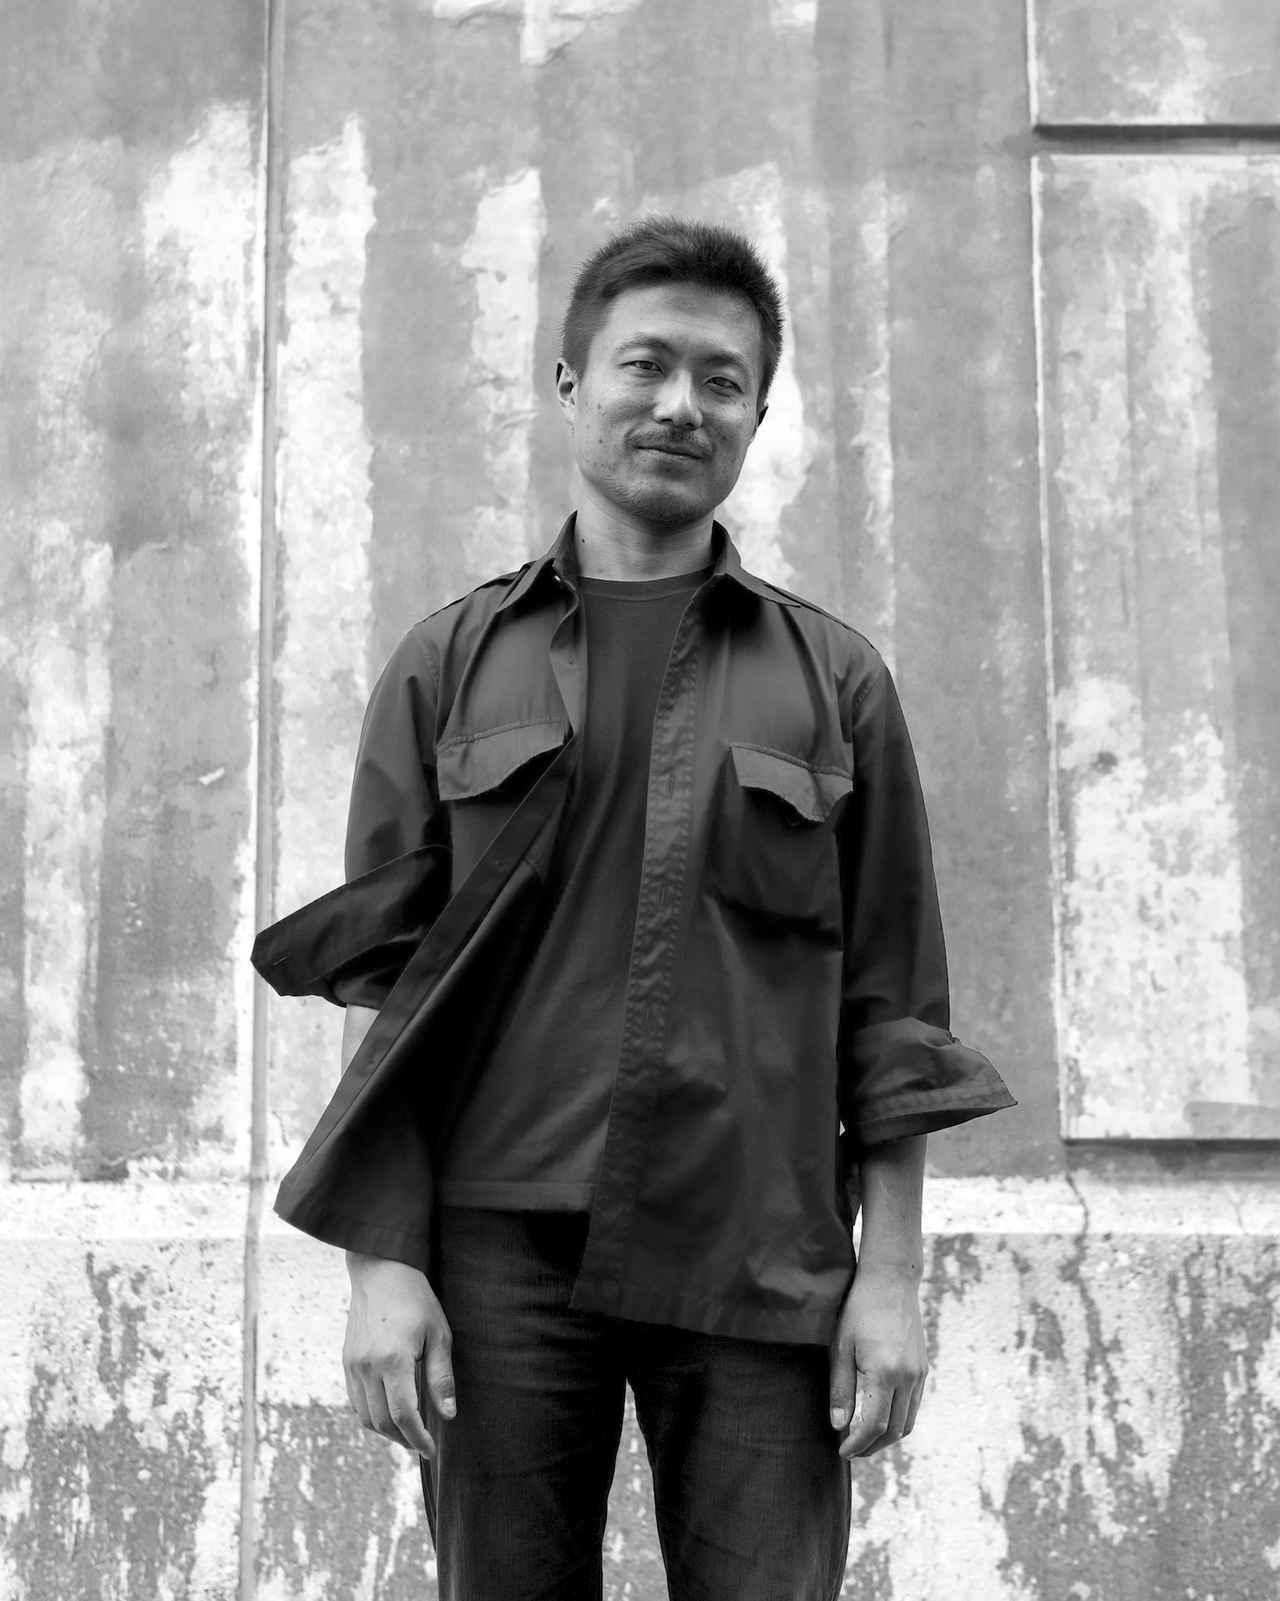 画像2: 新連載スタート!映画作家舩橋淳の「社会の24フレーム」 FRAME #1 「映画と移民社会」